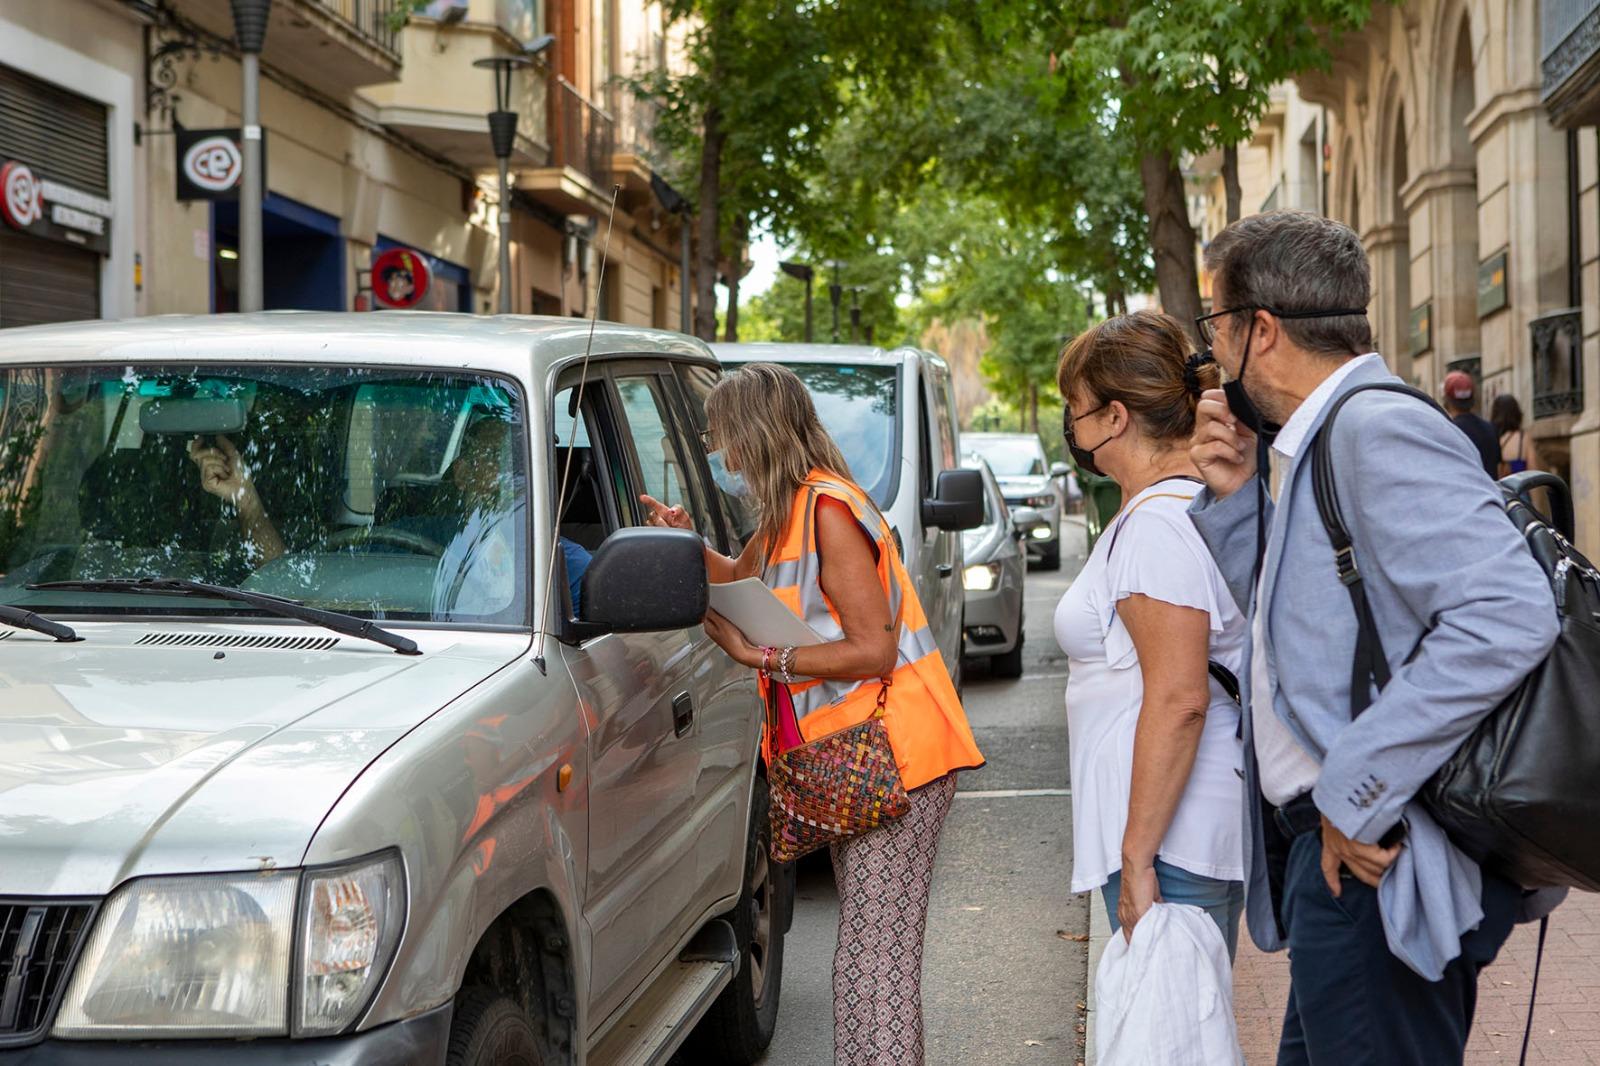 La regidora Lluïsa Malgares i el regidor Isaac Albert en el primer dia de curs escolar amb les noves àrees de vianants a Terrassa   Ajuntament de Terrassa